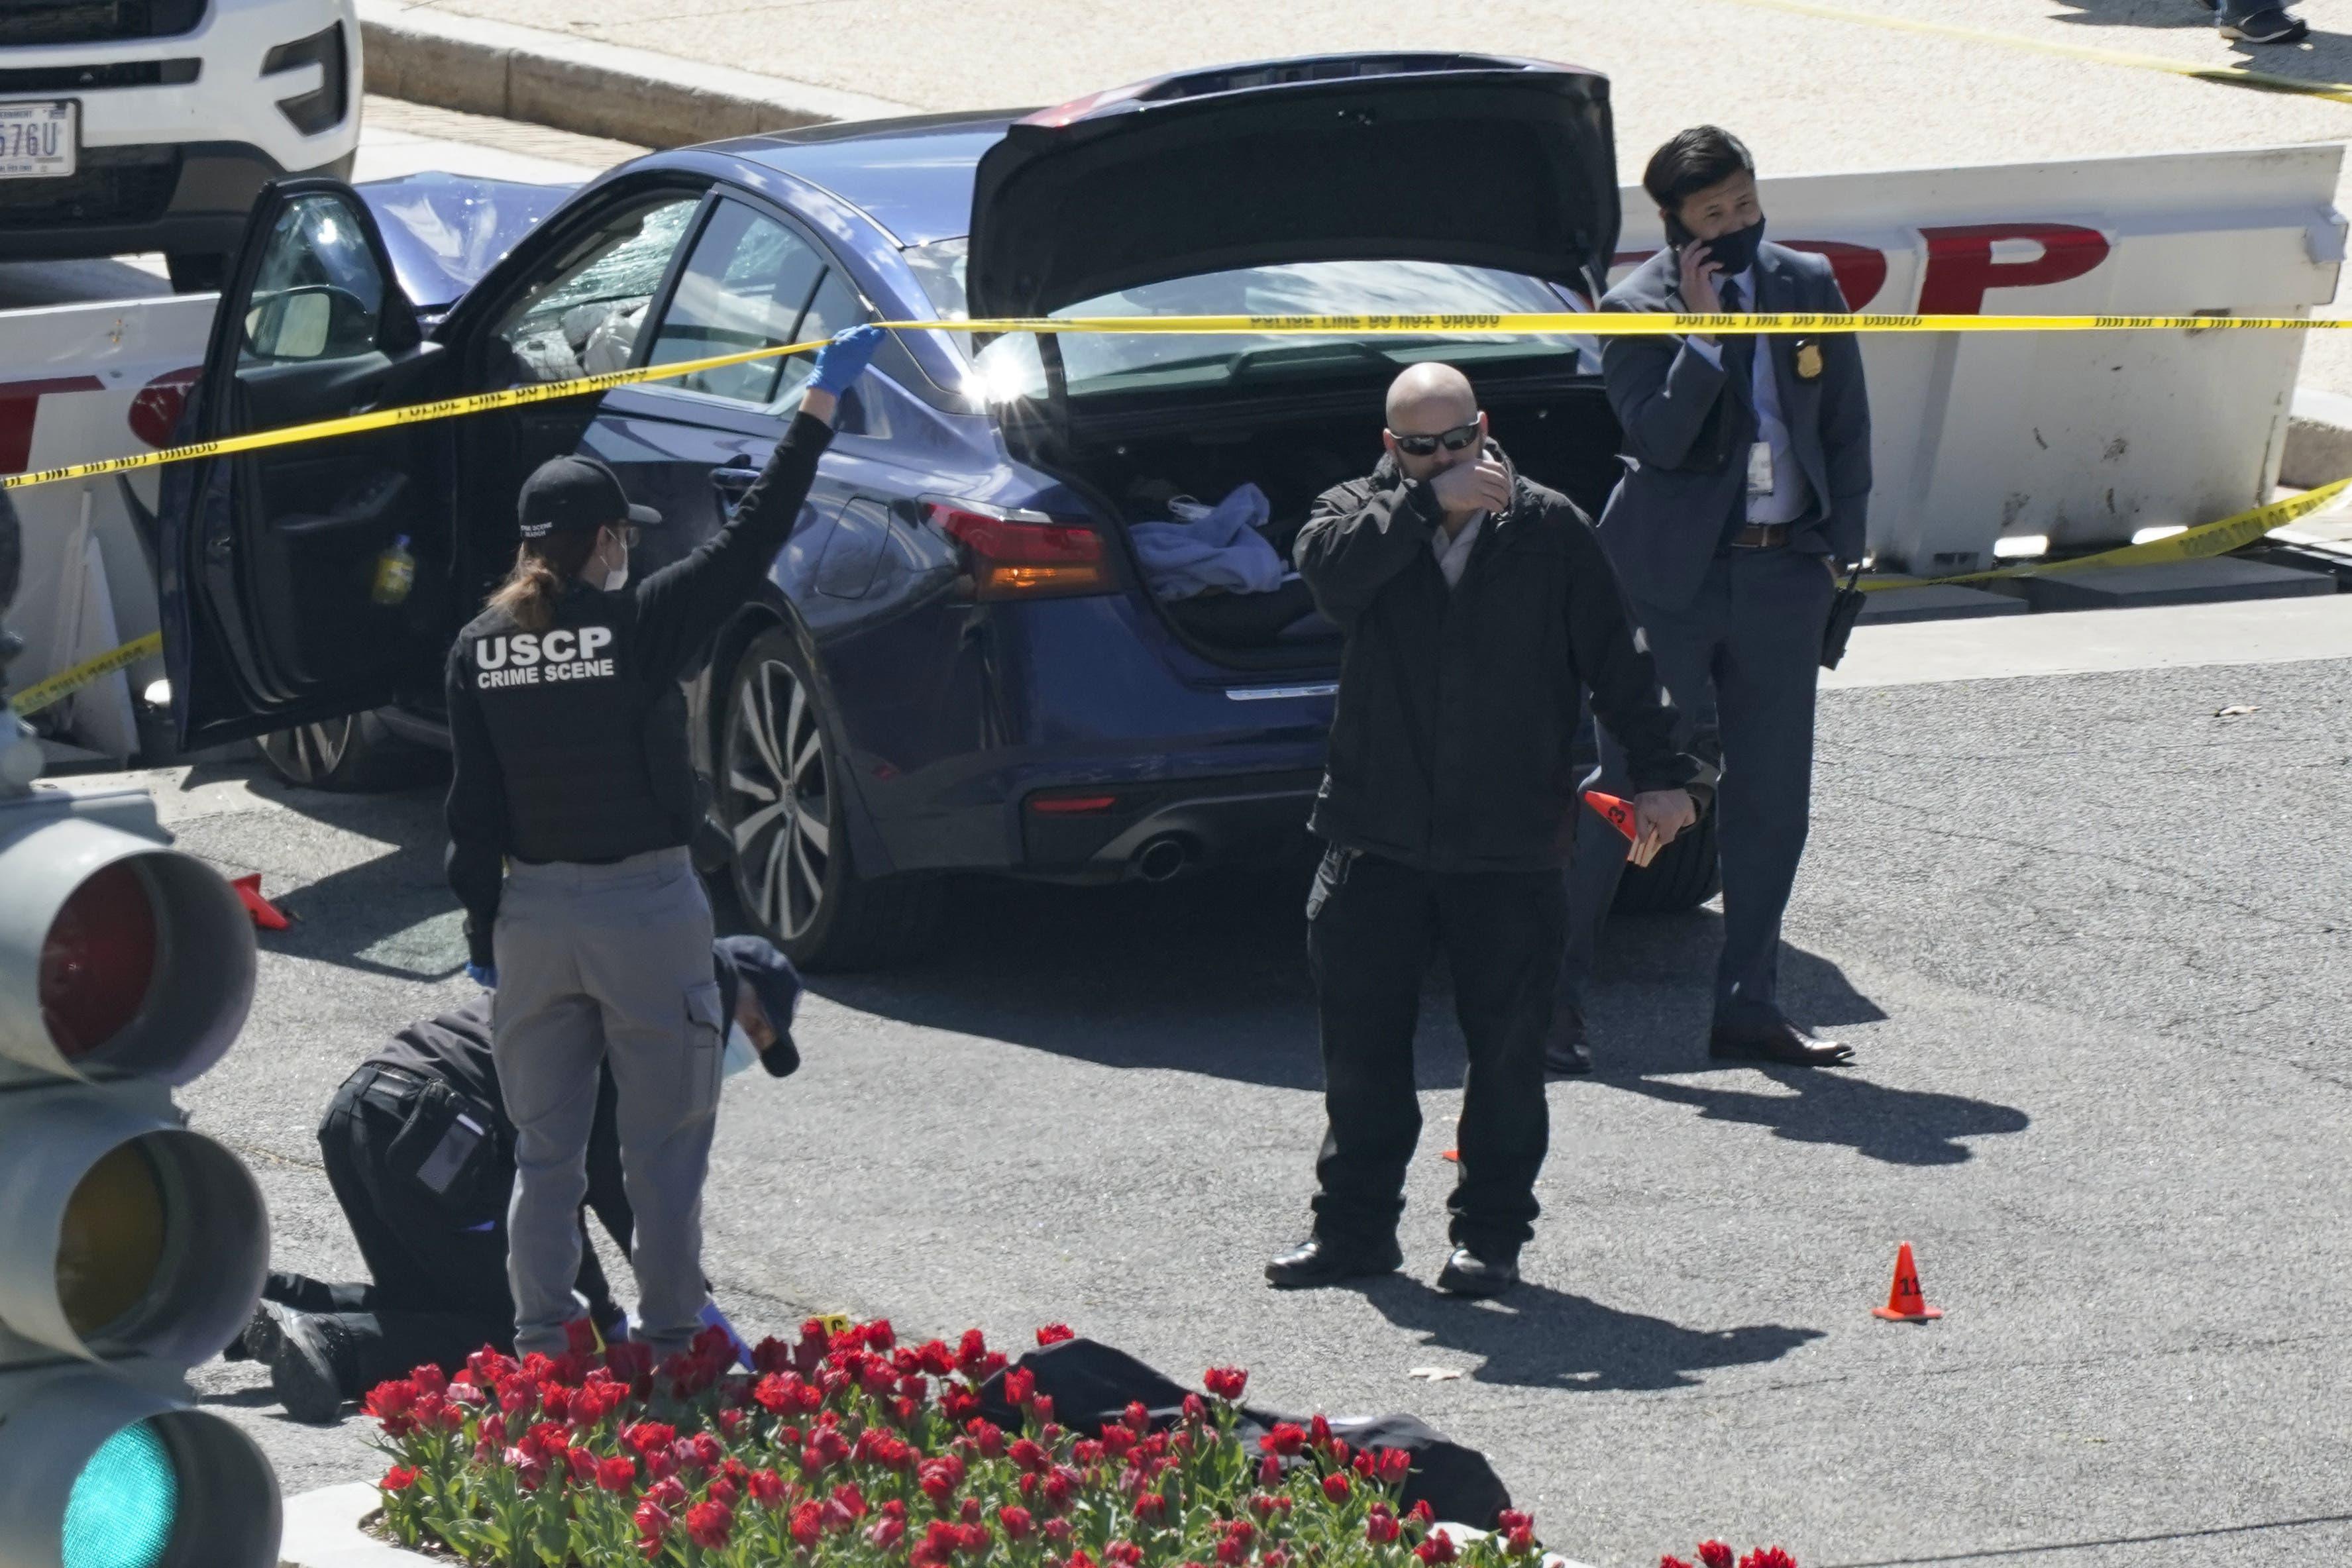 Eine Person soll nach der Kollision aus dem Fahrzeug ausgestiegen sein und ging mit einem Messer auf die Beamten los. Daraufhin sei von der Polizei geschossen worden.